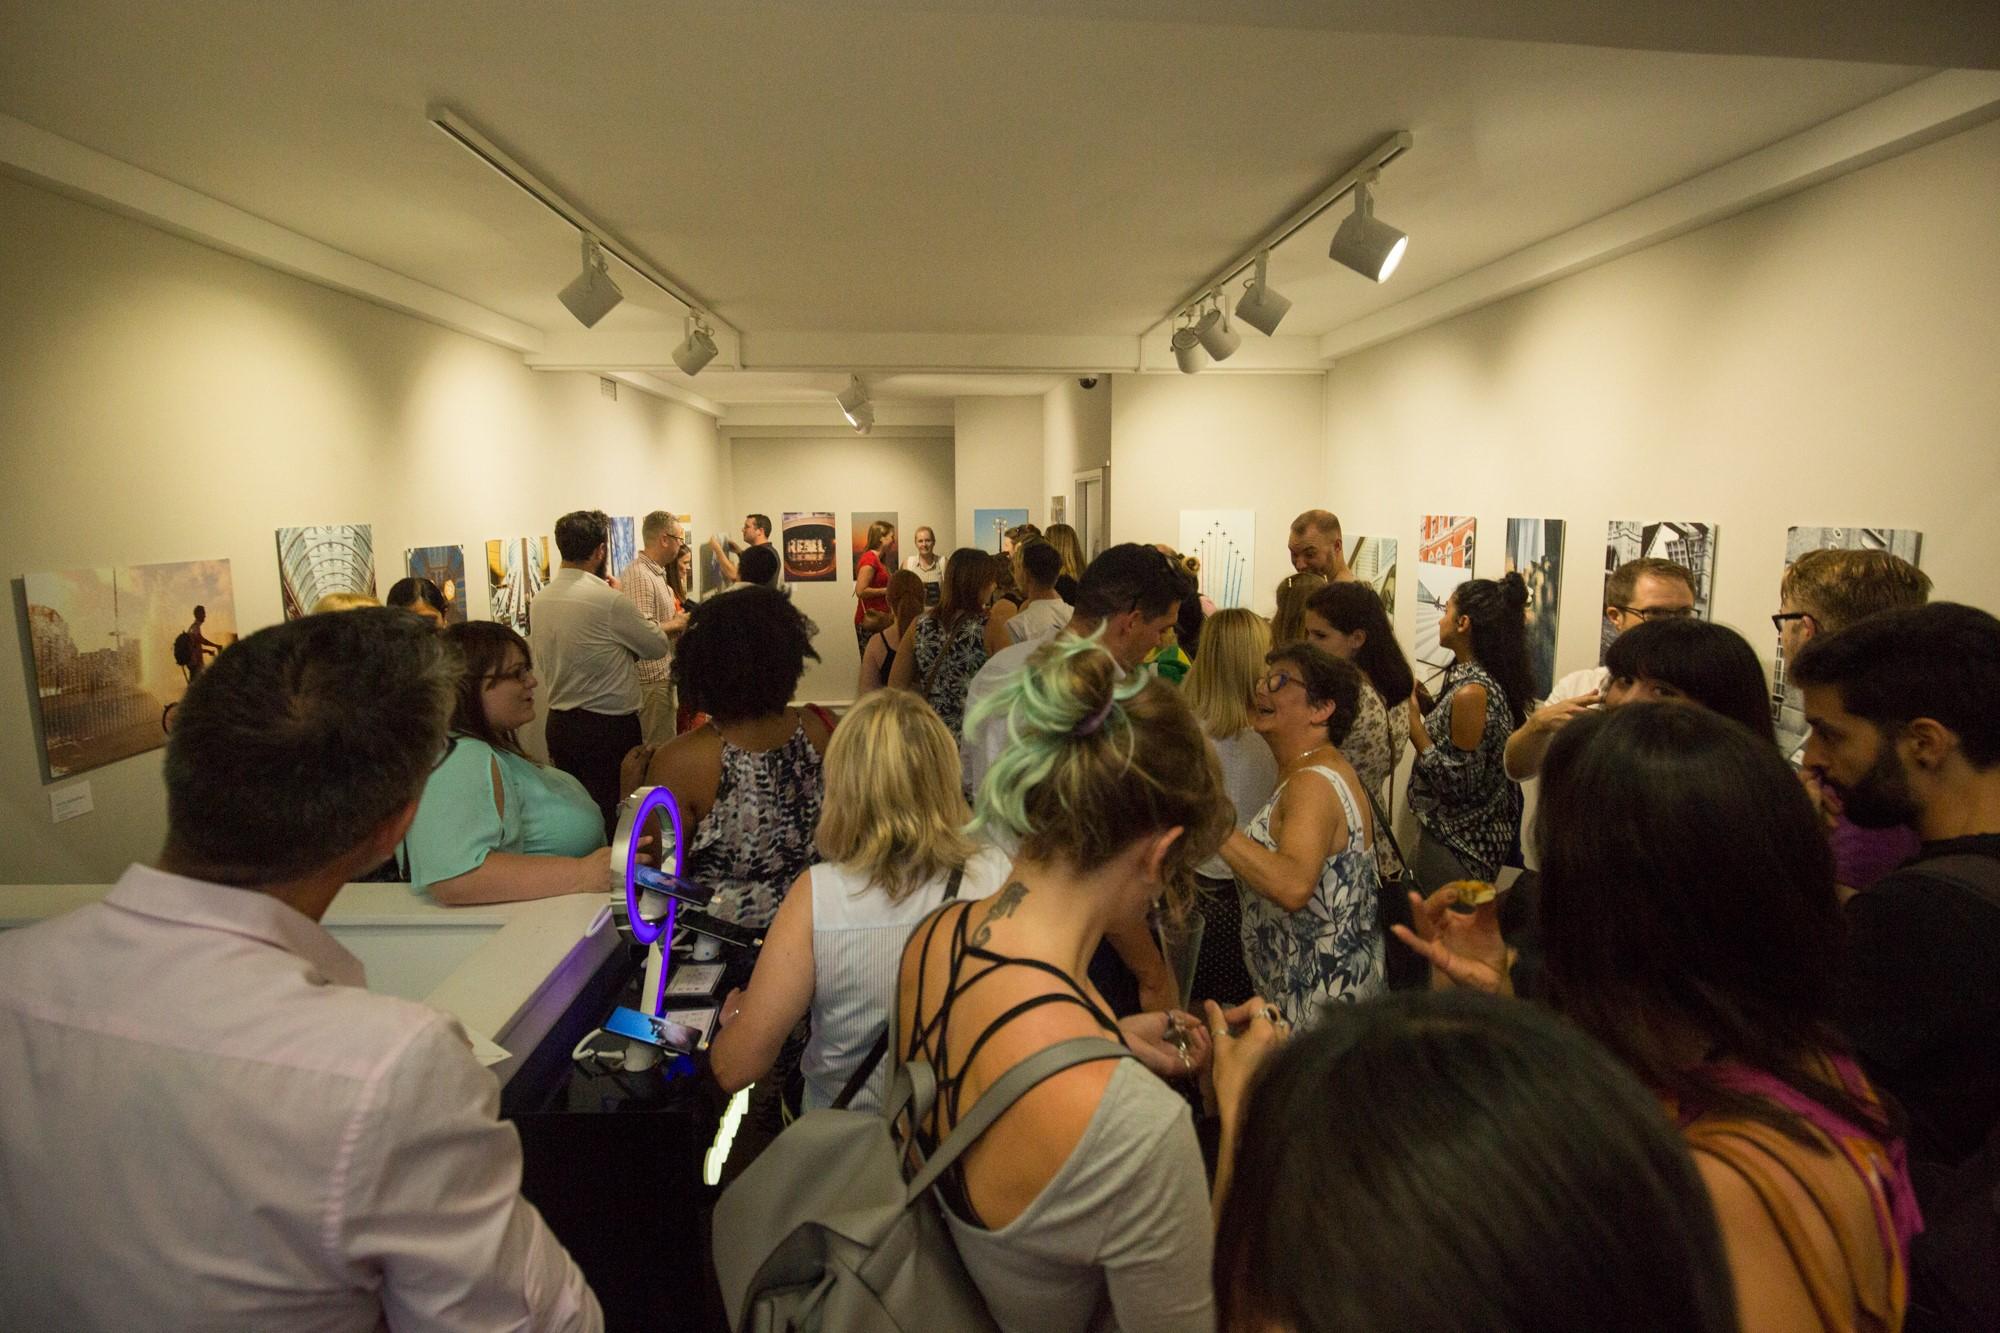 Samsung Three Gallery event upstairs